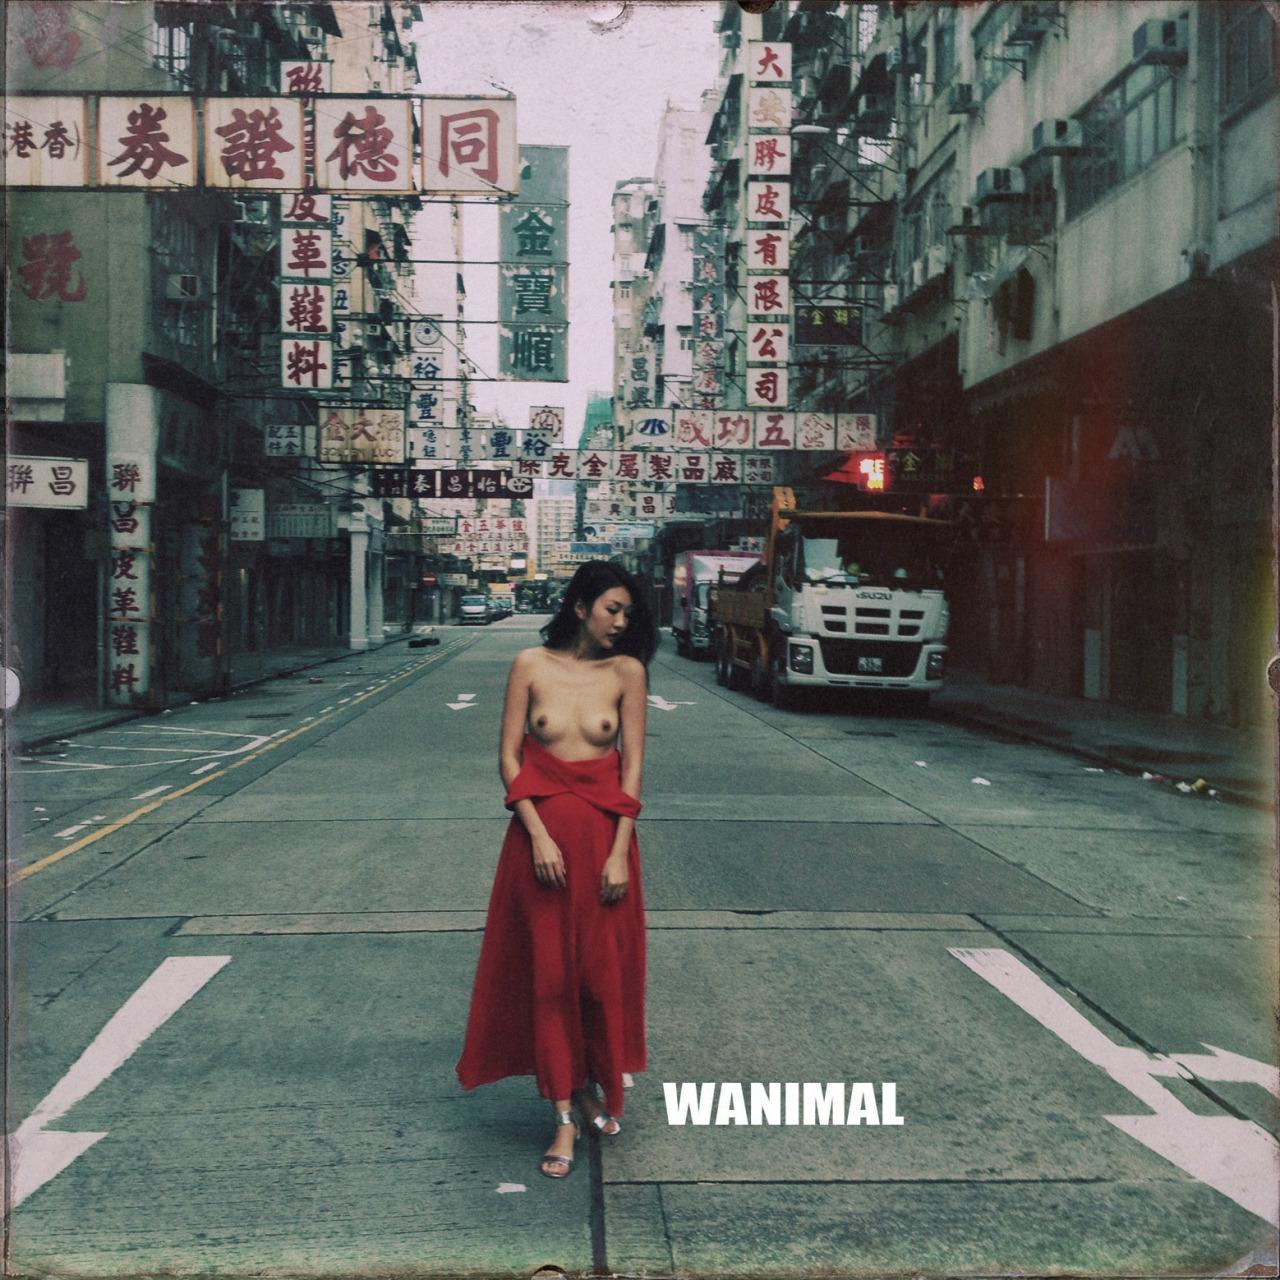 wanimal-hongkong.jpg